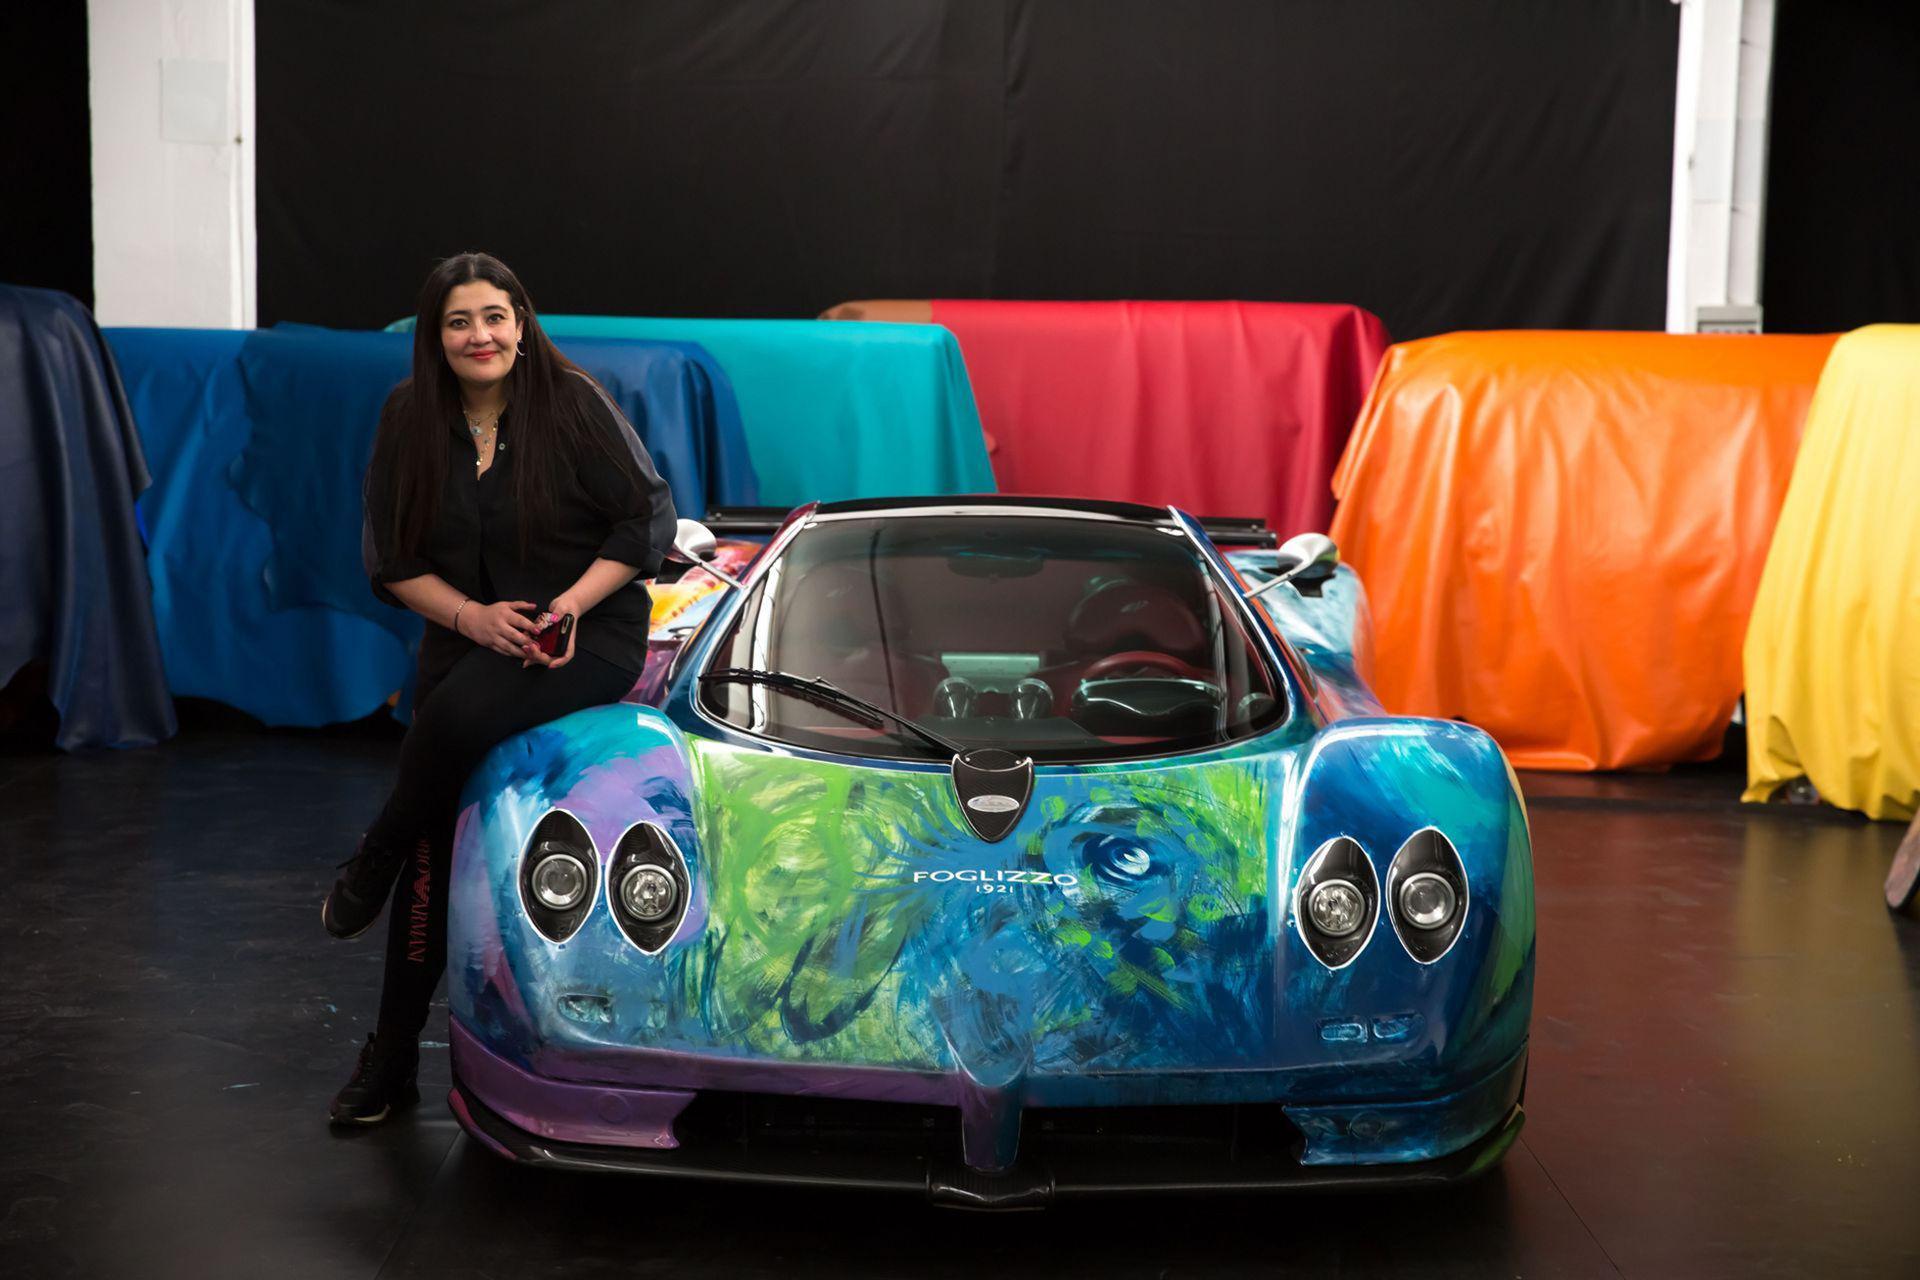 Konstnär penslade färg på en Pagani Zonda S